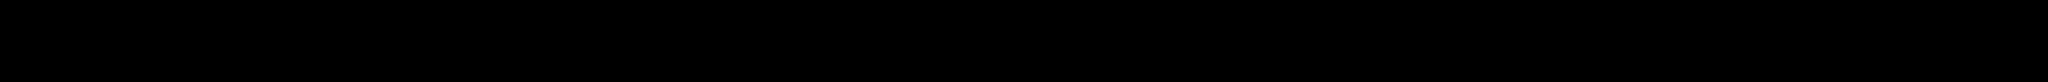 ASHIKA 04495-25051, 04495-25052, 04495-25090, 04495-25100, 04495-25101 Jogo de maxilas de travão